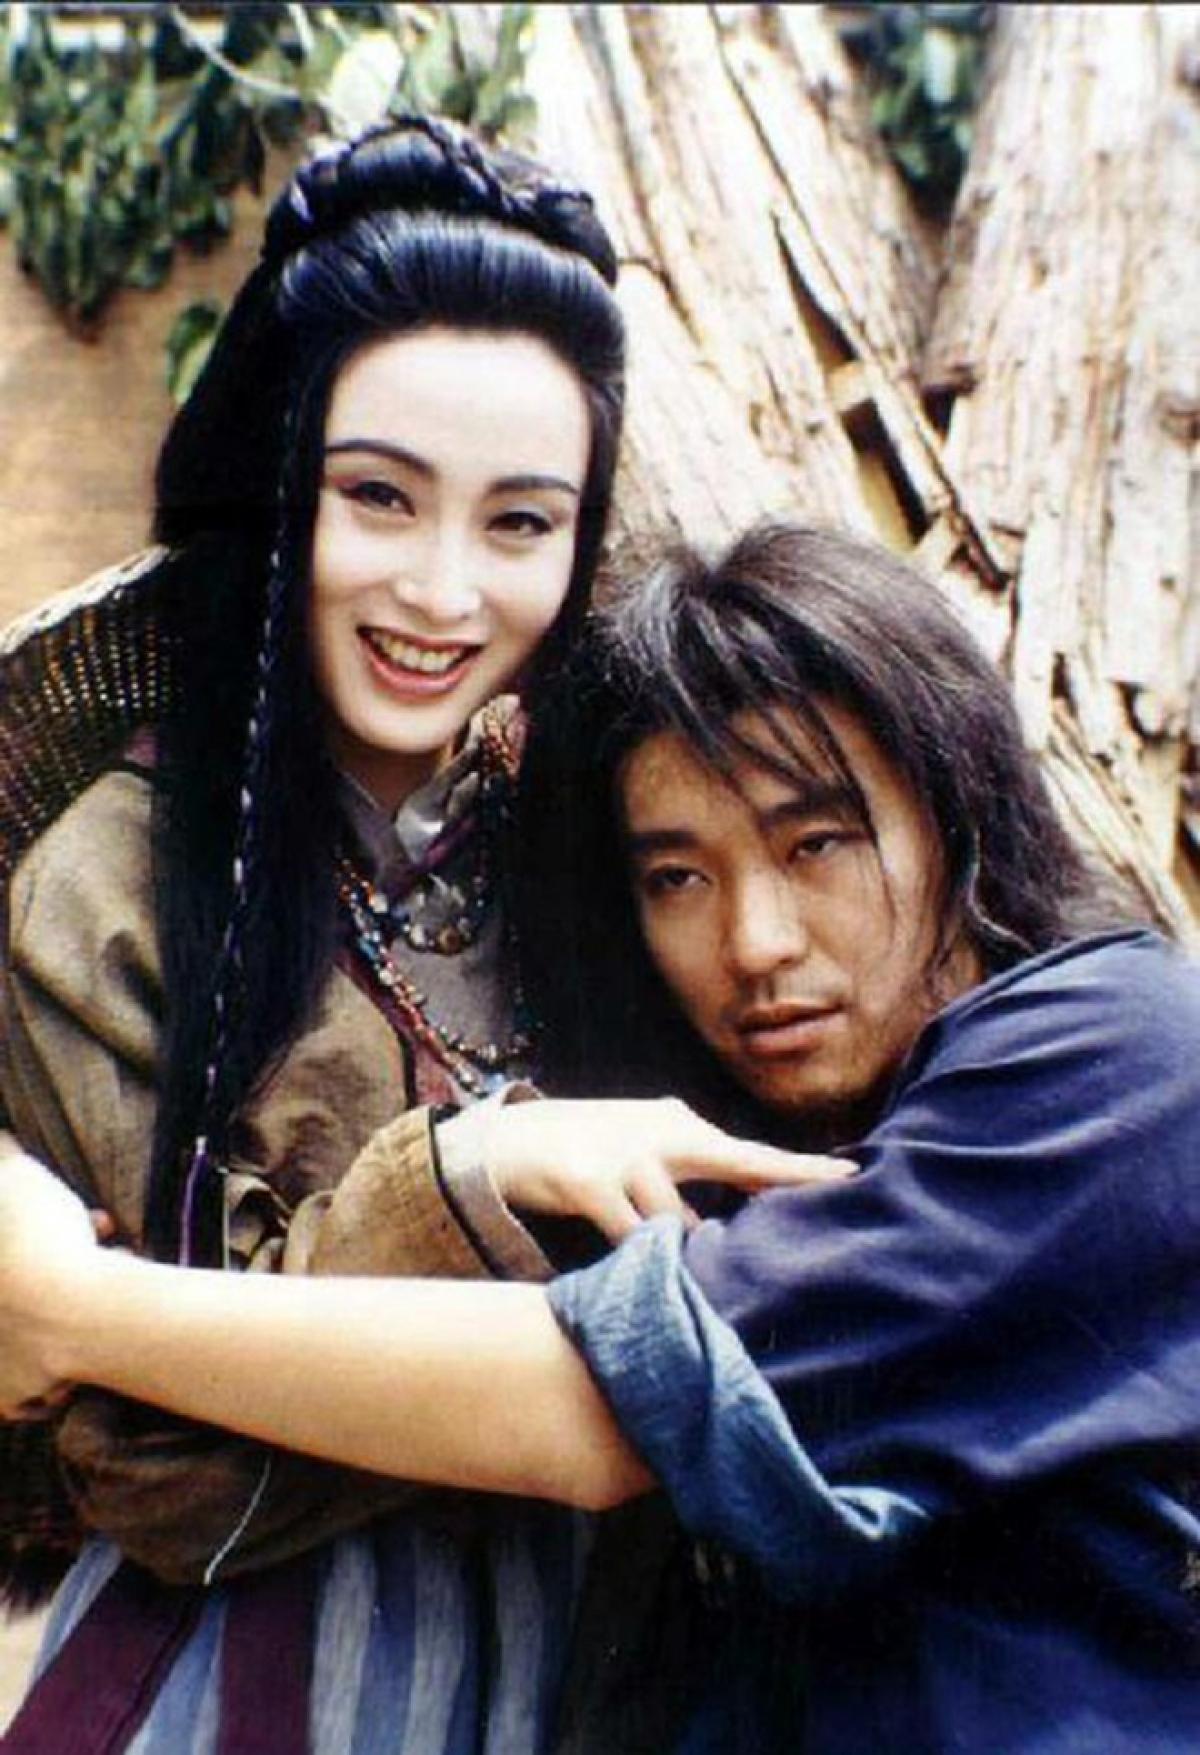 """Trương Mẫn từng dính tin đồn tình cảm với Châu Tinh Trì nhưng cô nhiều lần khẳng định, cô chỉ xem ông là """"anh trai""""."""